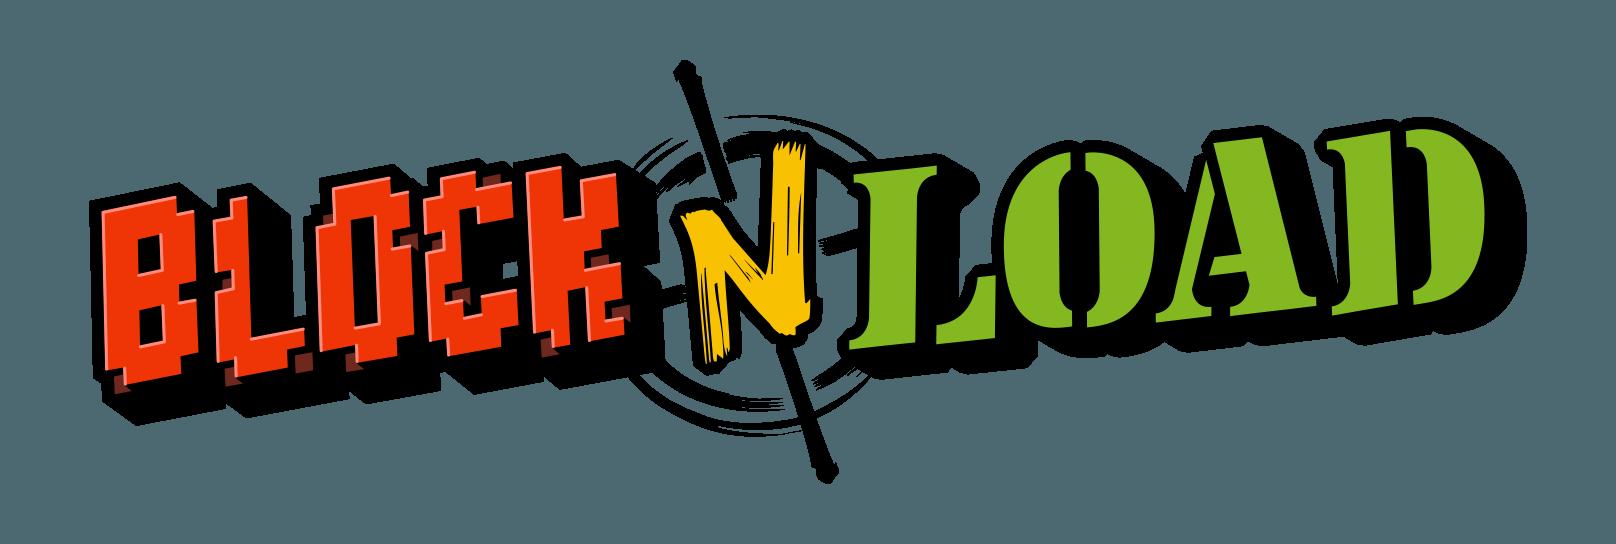 Block N Load Logo Image